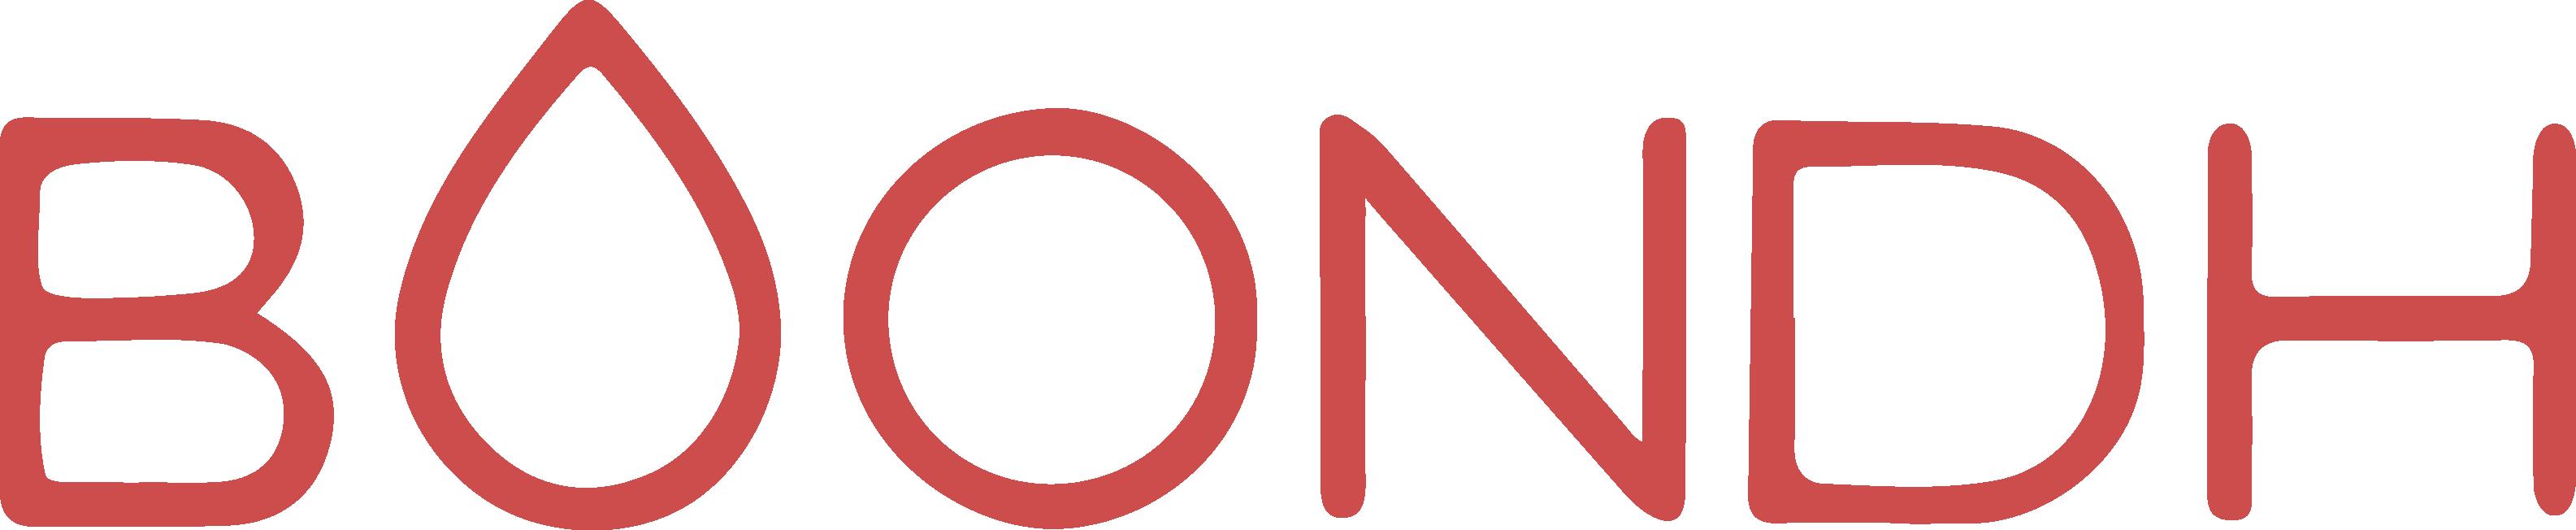 Boondh logo